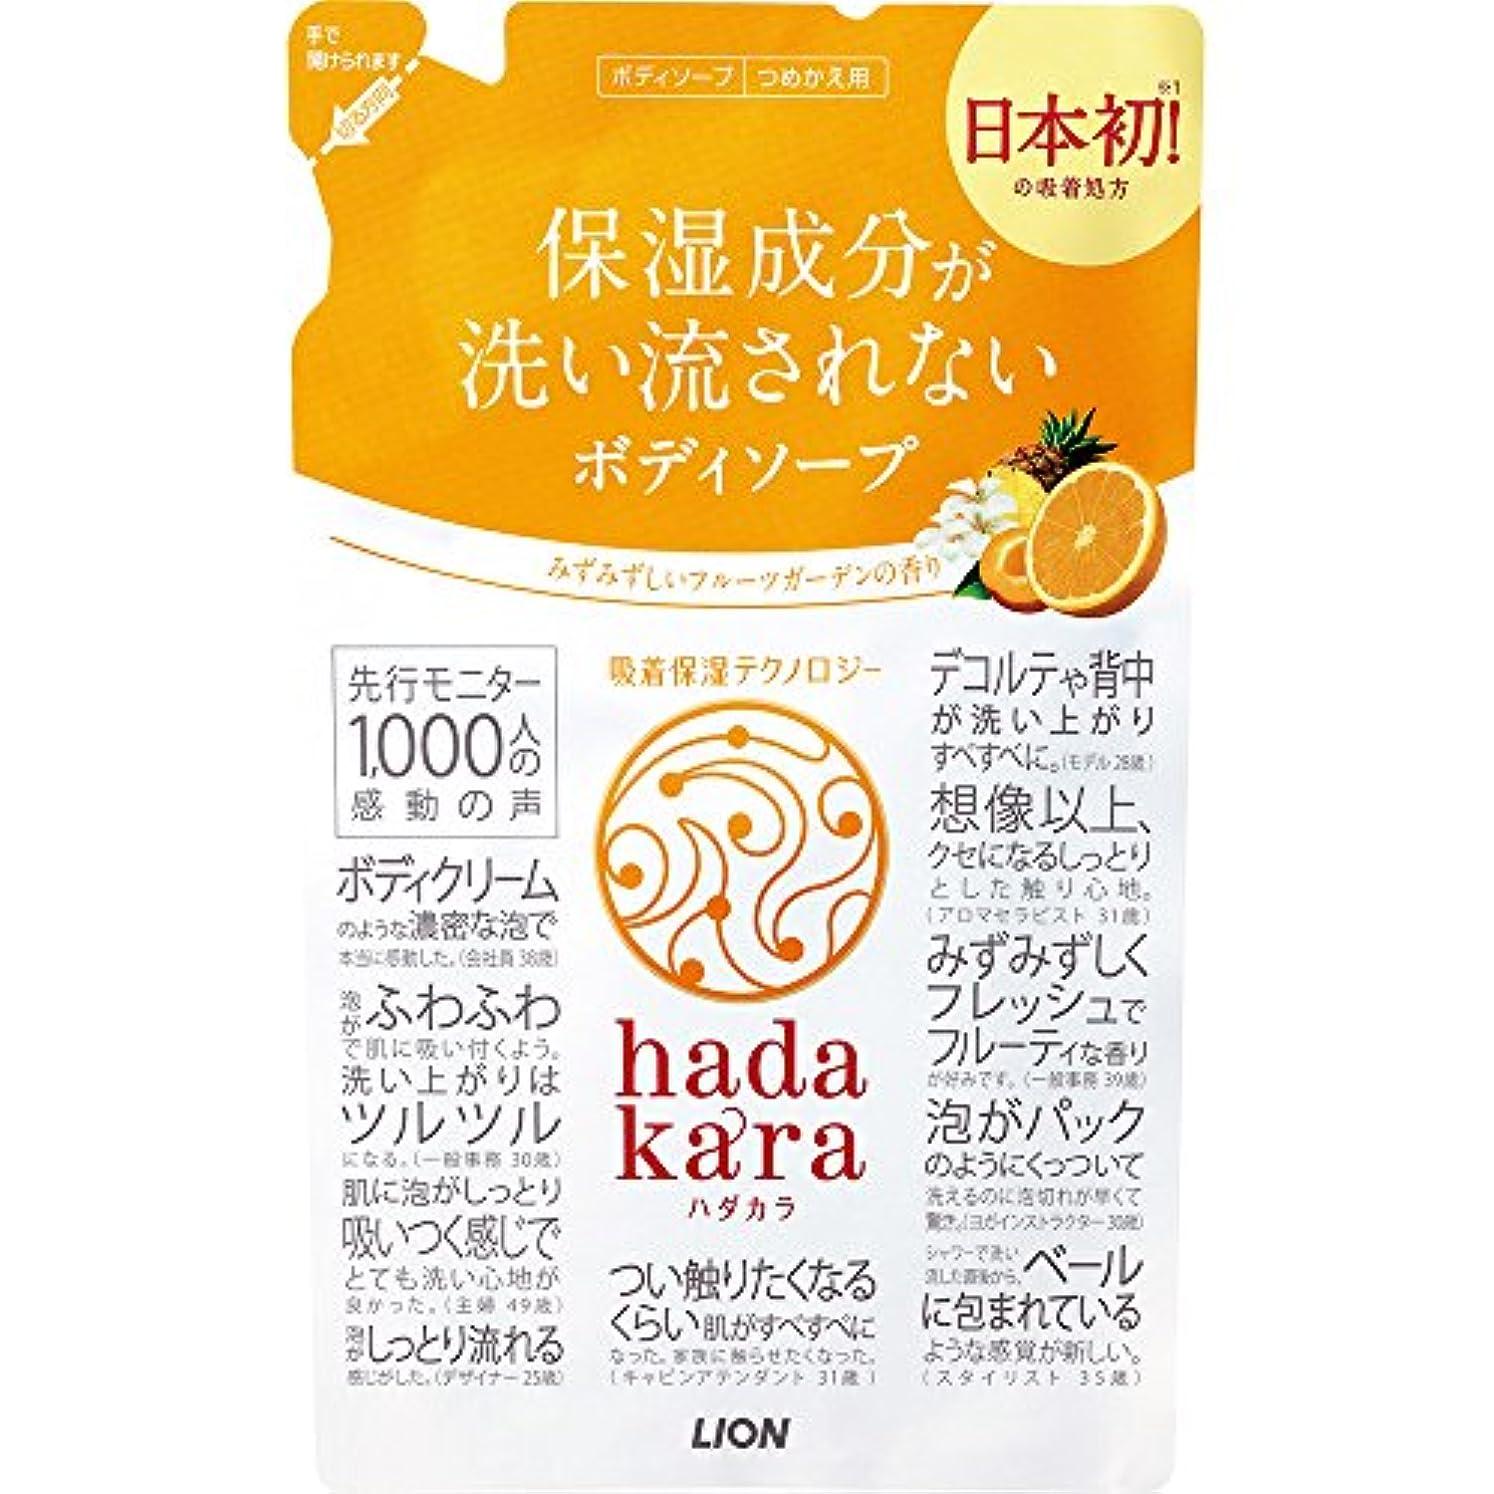 うまくやる()ソート悲観的hadakara(ハダカラ) ボディソープ フルーツガーデンの香り 詰め替え 360ml